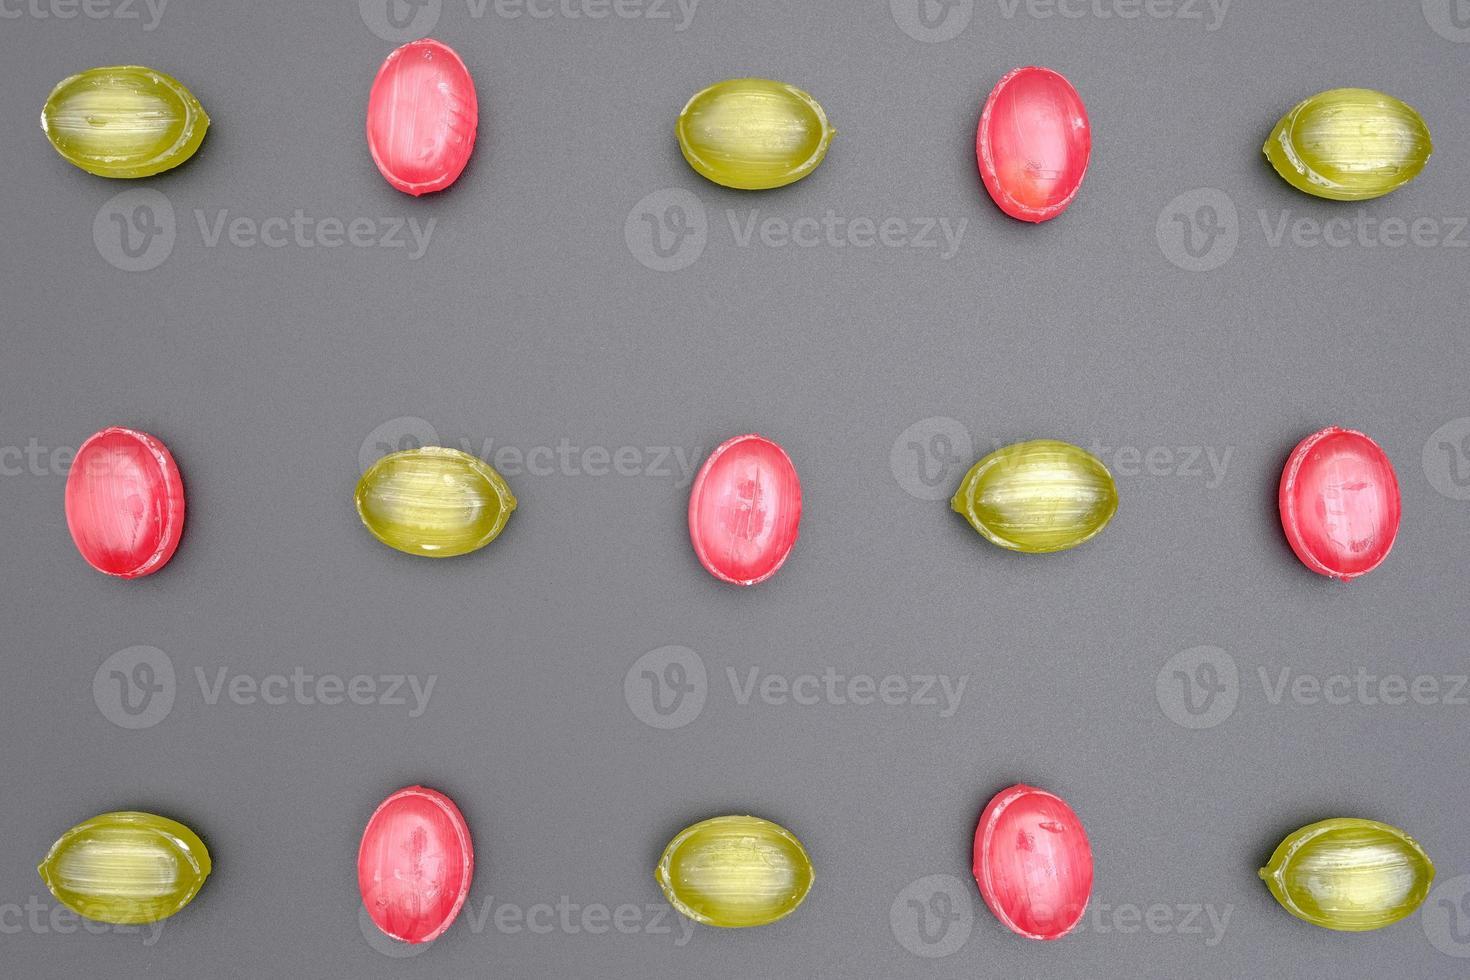 modello di caramelle al caramello lucido di forma ovale rossa e verde foto